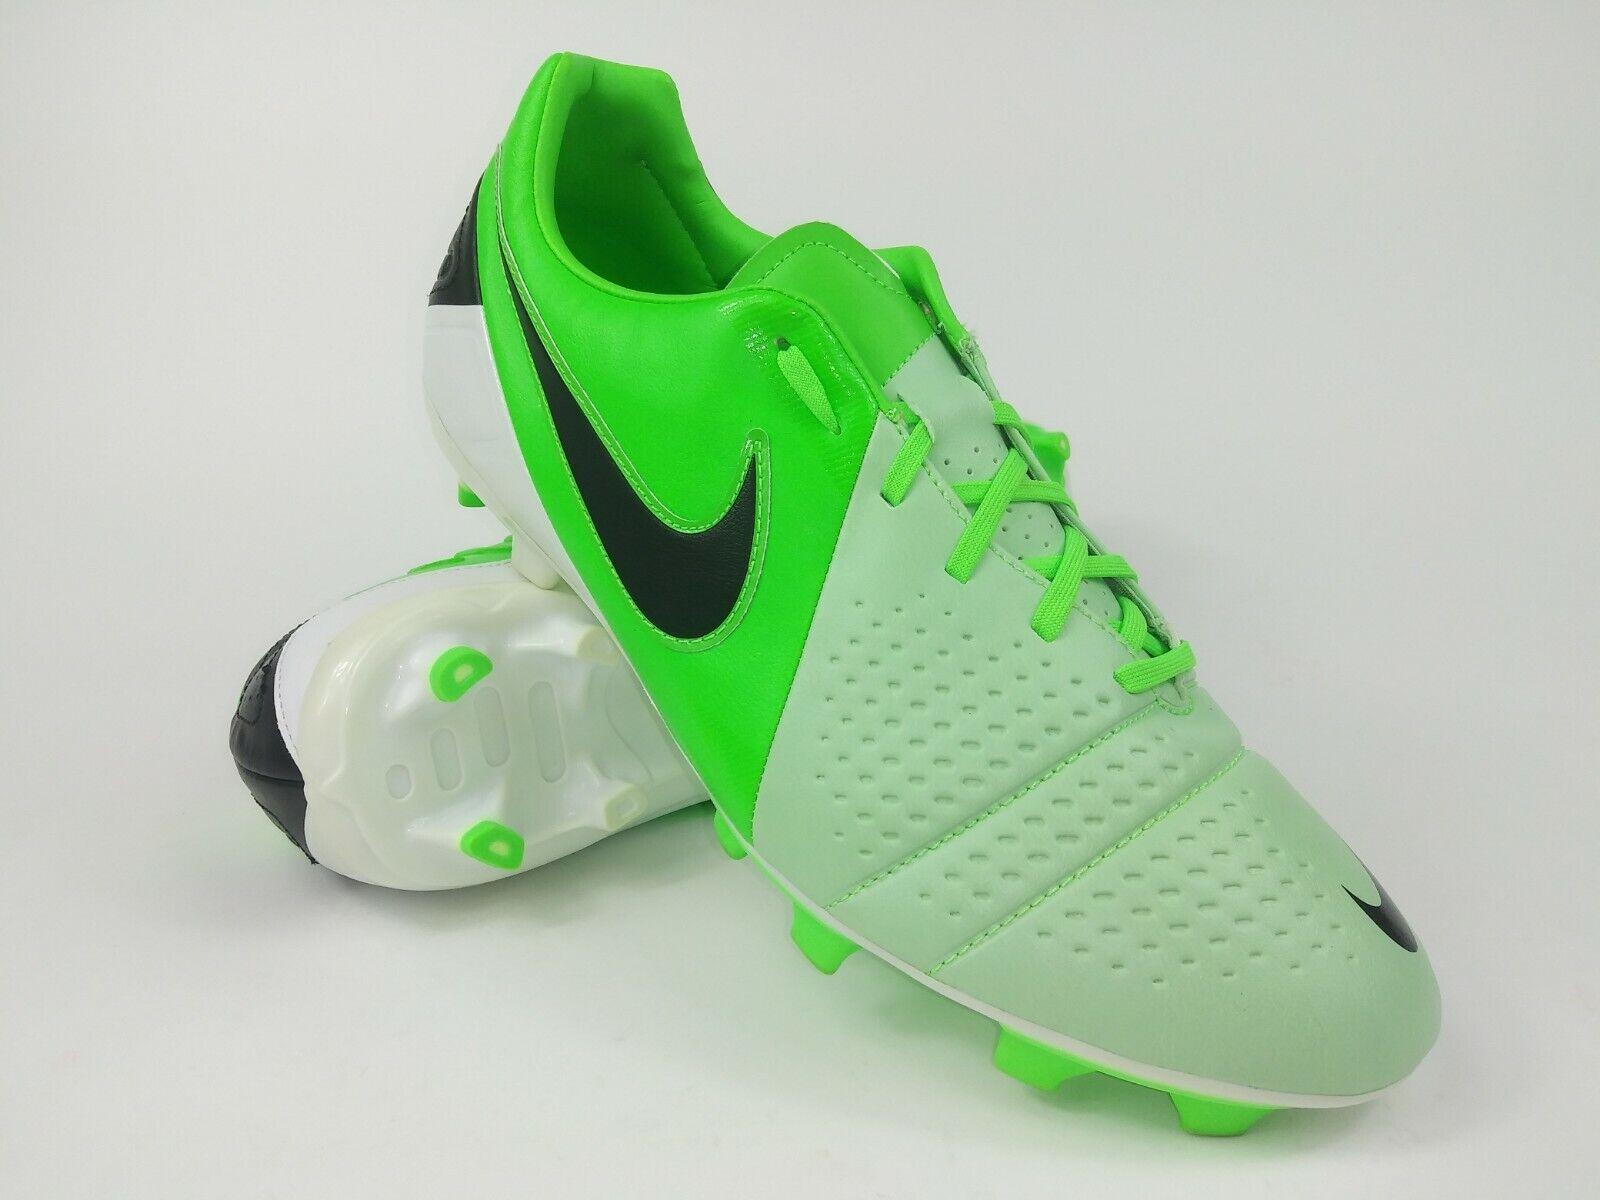 Nike Hombre Raro CTR360 libreto Lll Fg Color verde 525170-303 Botines De Fútbol Talla 11.5